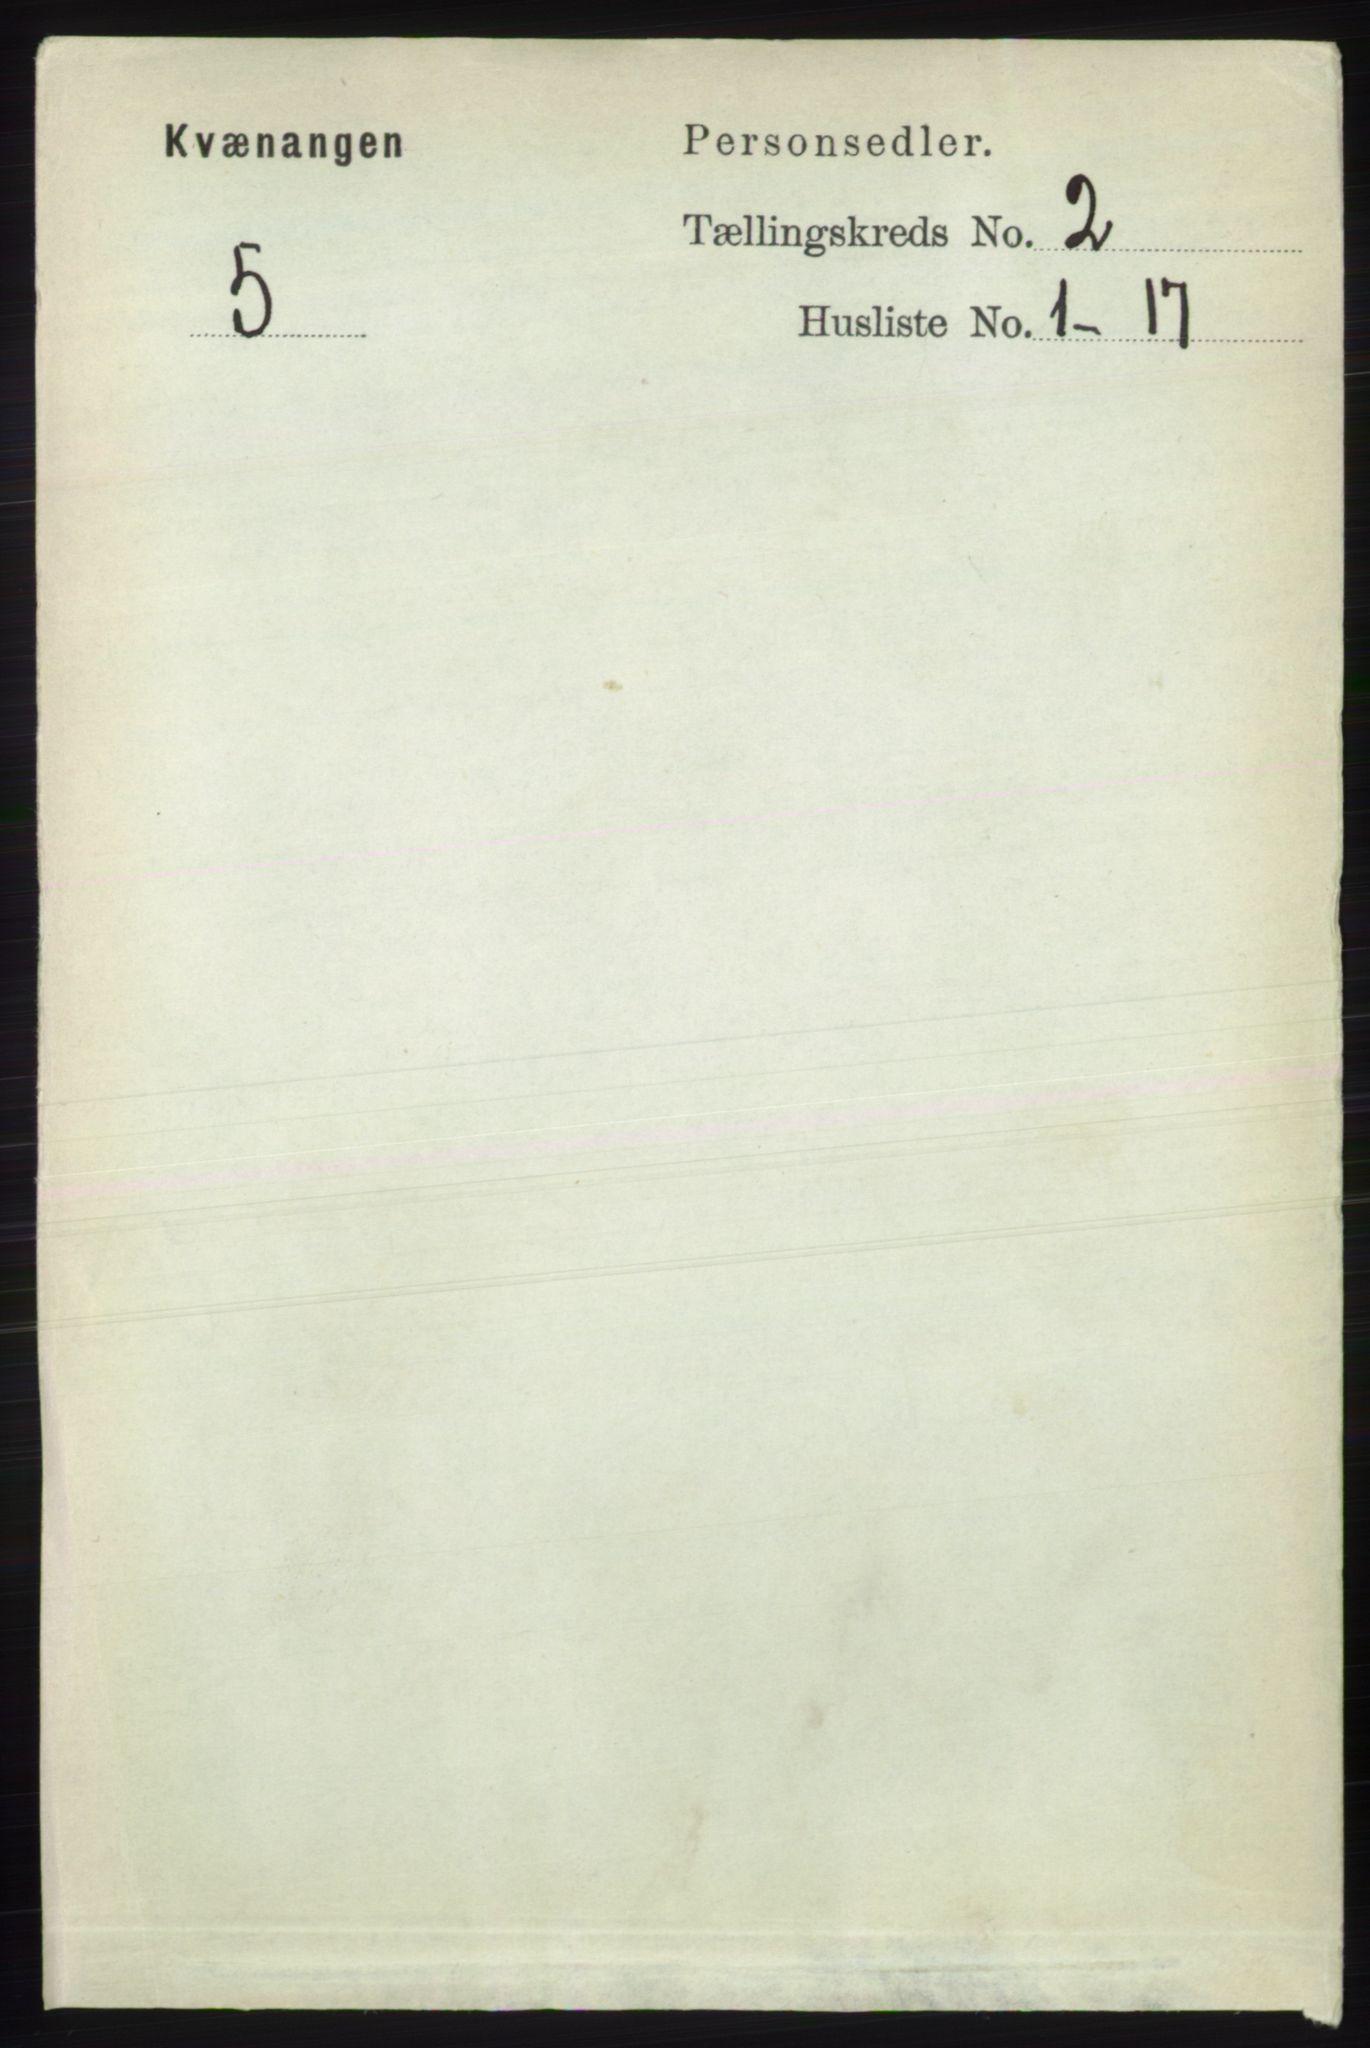 RA, Folketelling 1891 for 1943 Kvænangen herred, 1891, s. 411